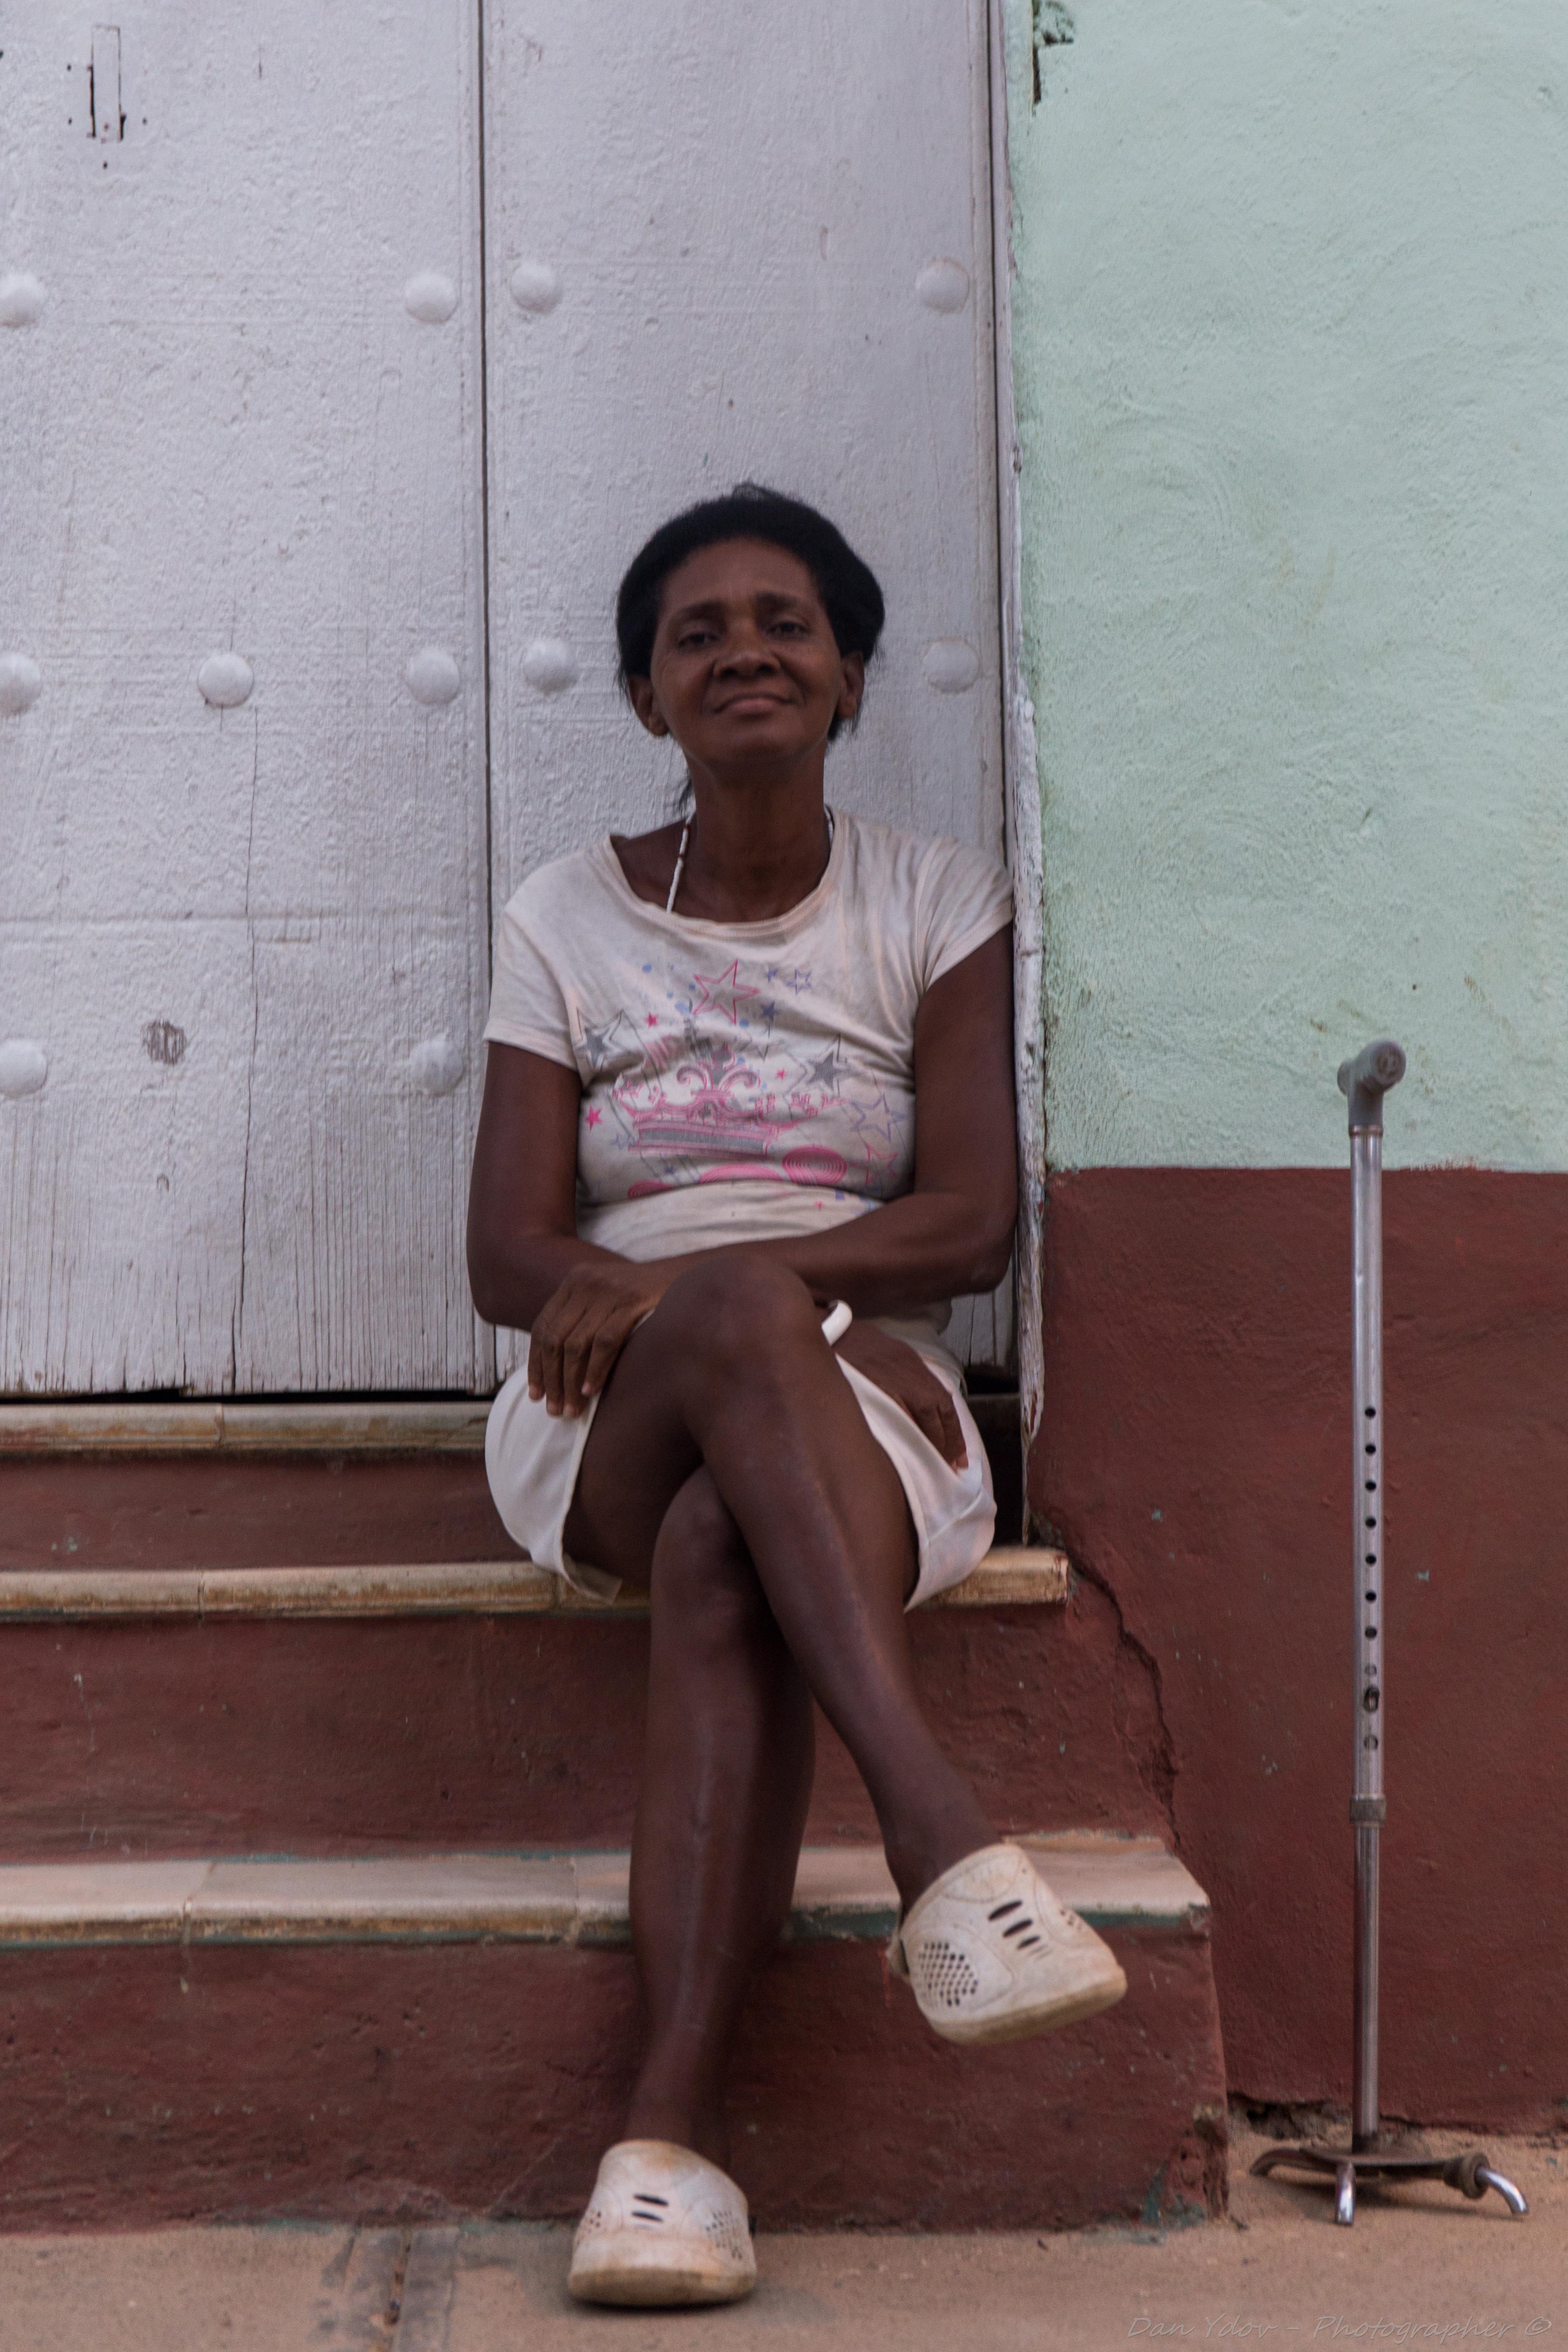 קובה, צילום תדמית, צלם פורטרט